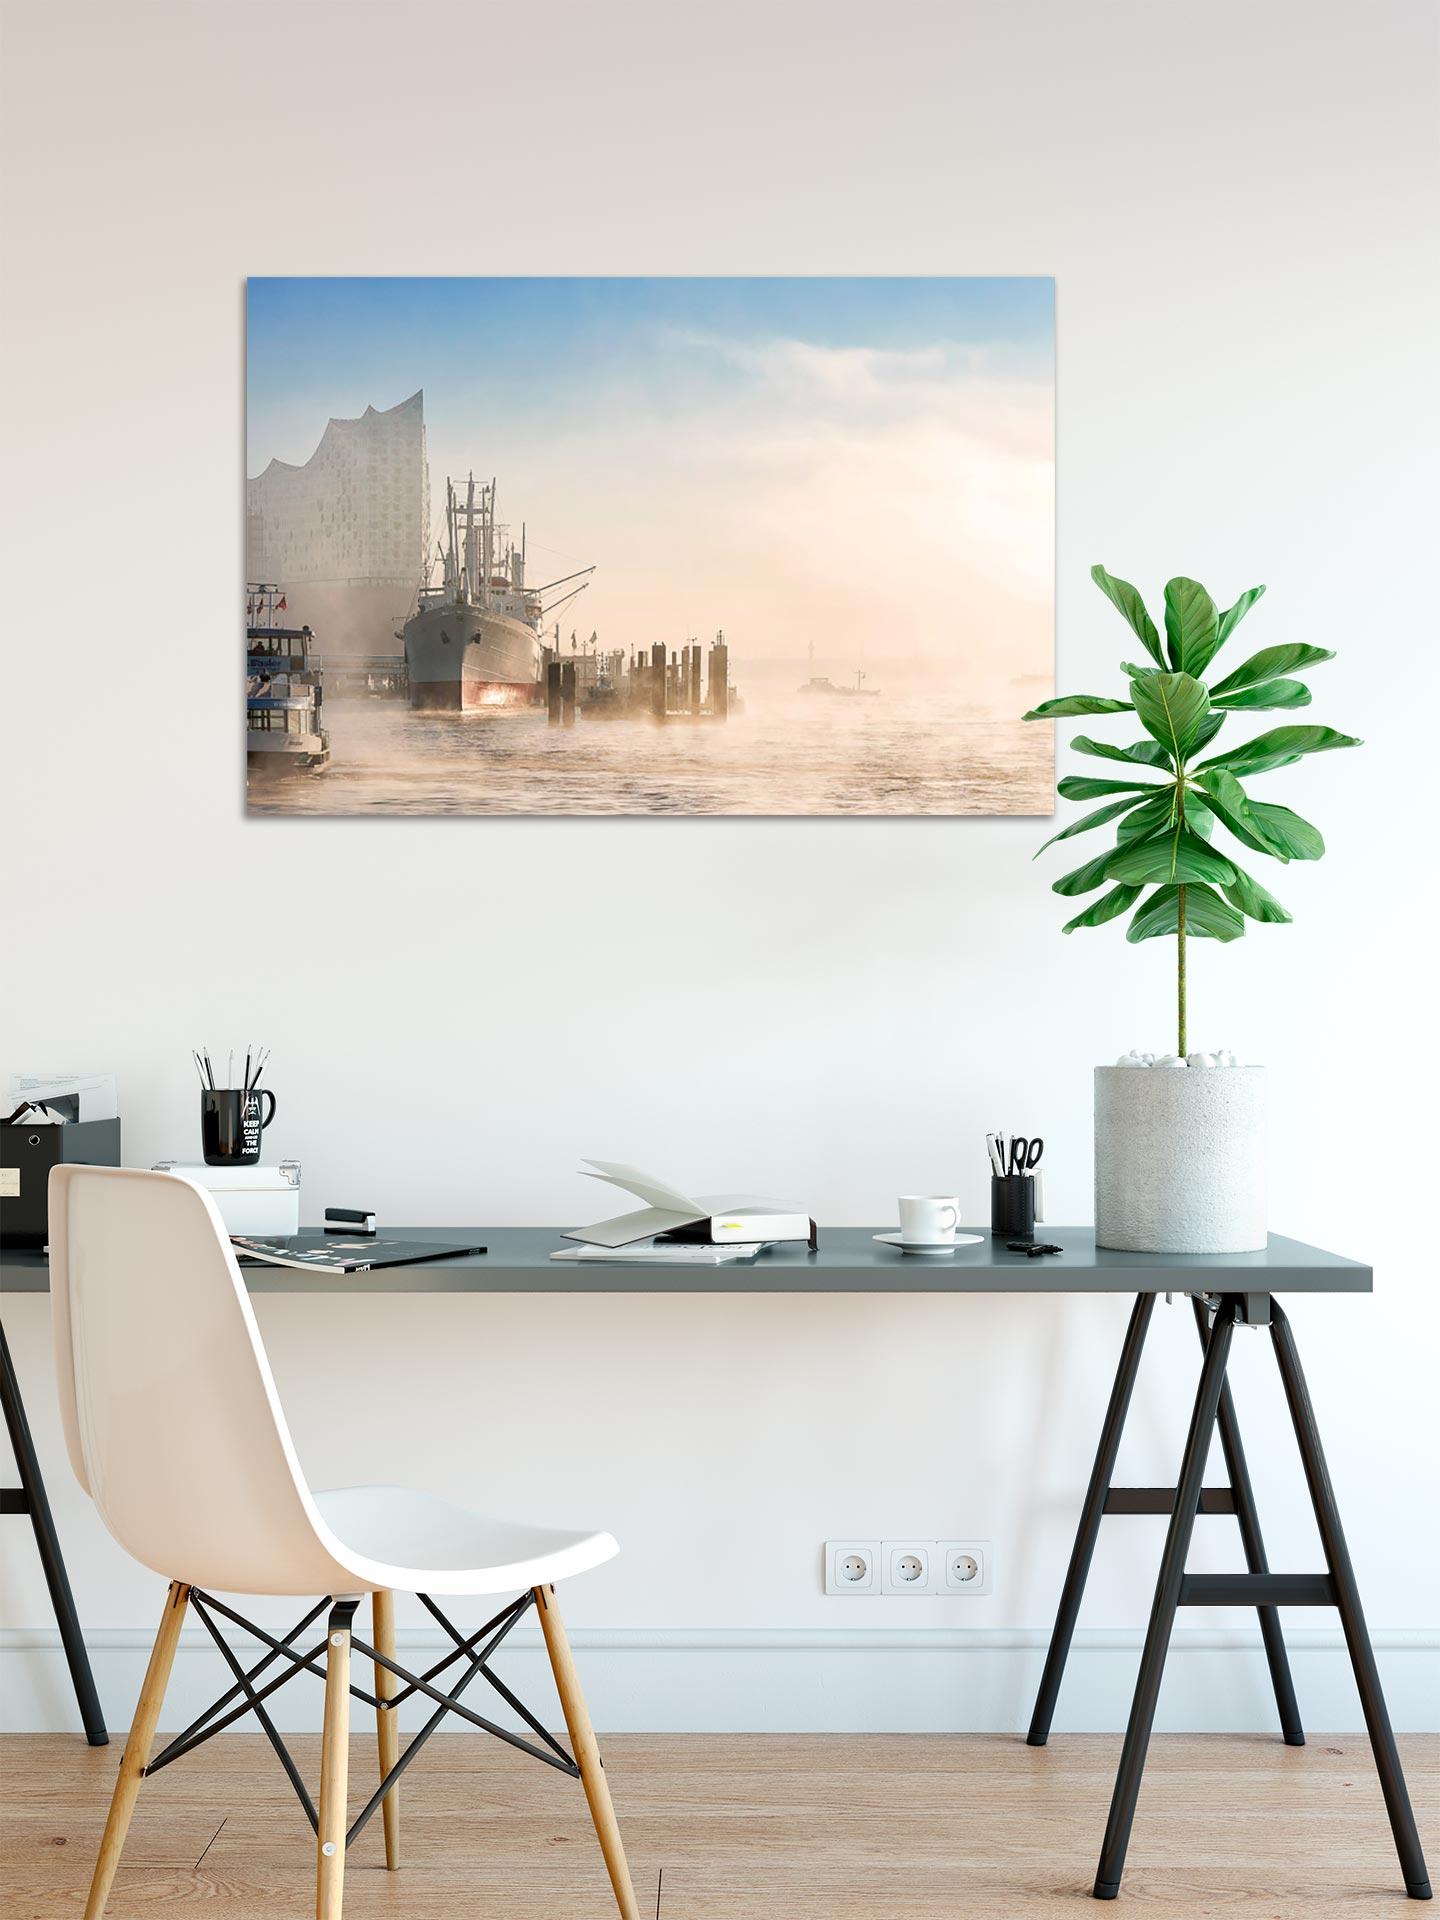 LCW247-elphi-im-nebel-hamburg-wandbild-bild-auf-leinwand-acrylglas-aludibond-arbeitszimmer